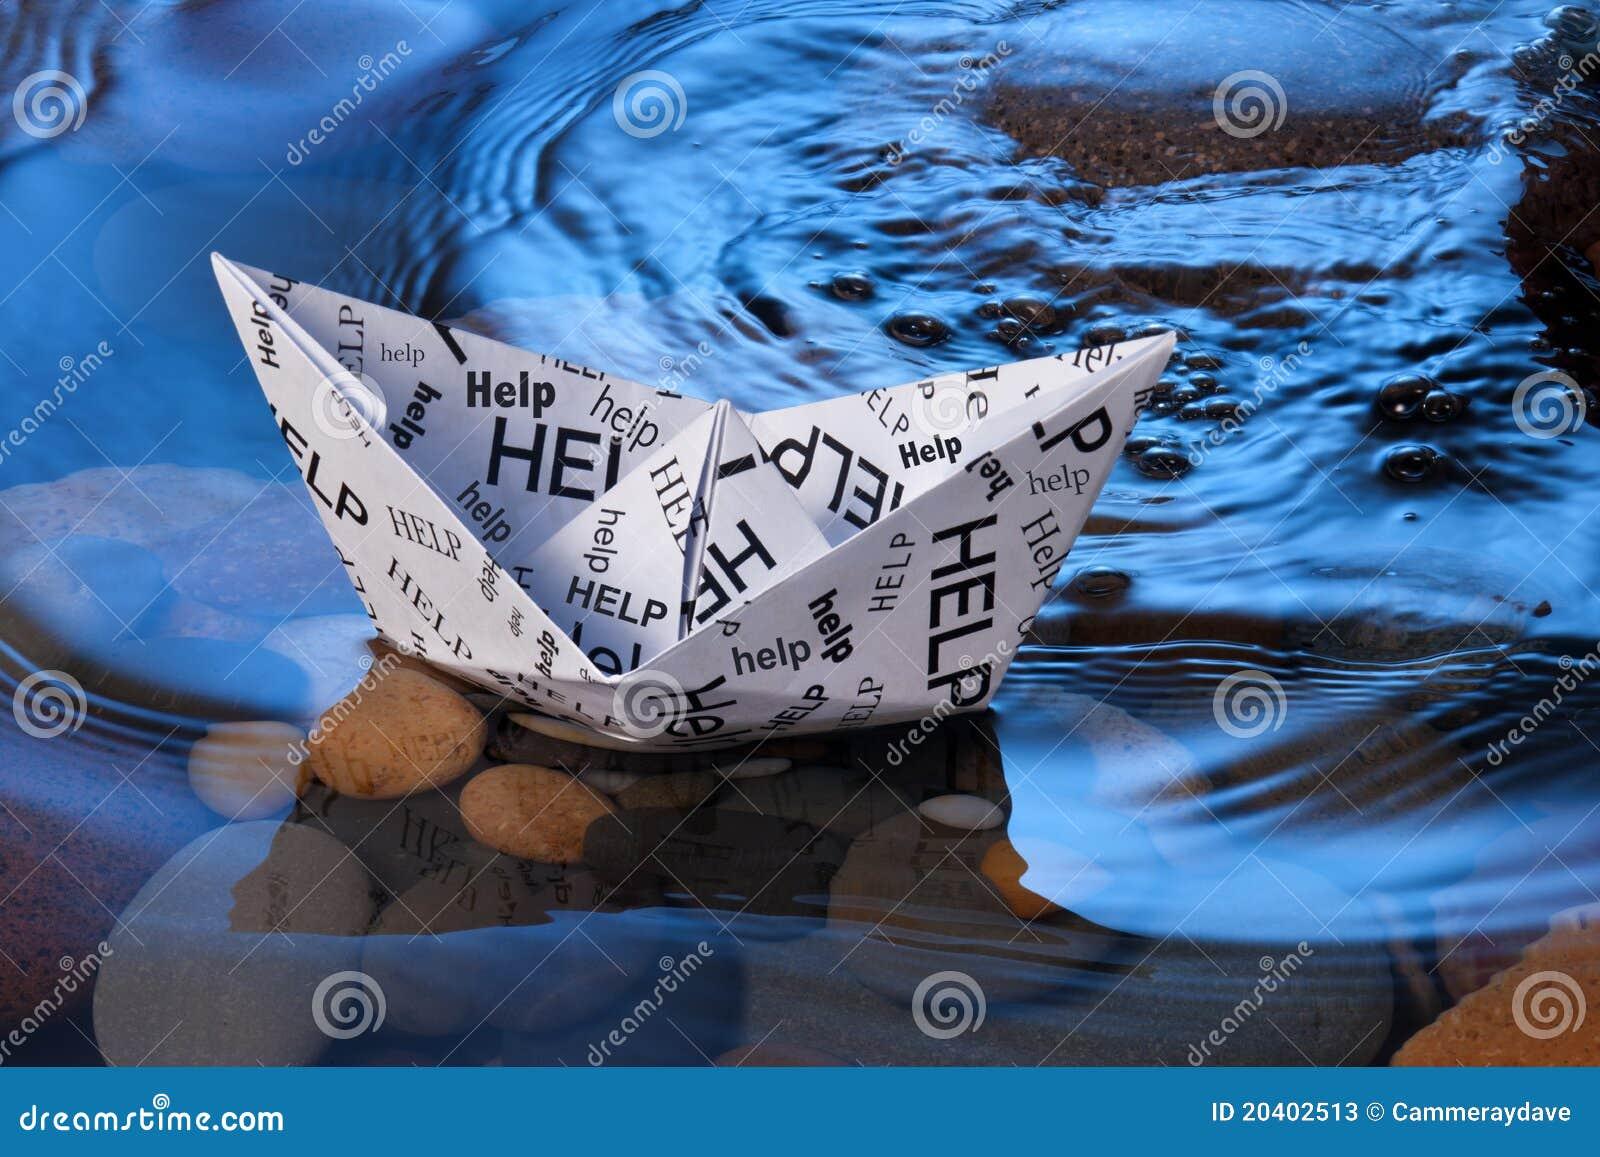 小船帮助纸张